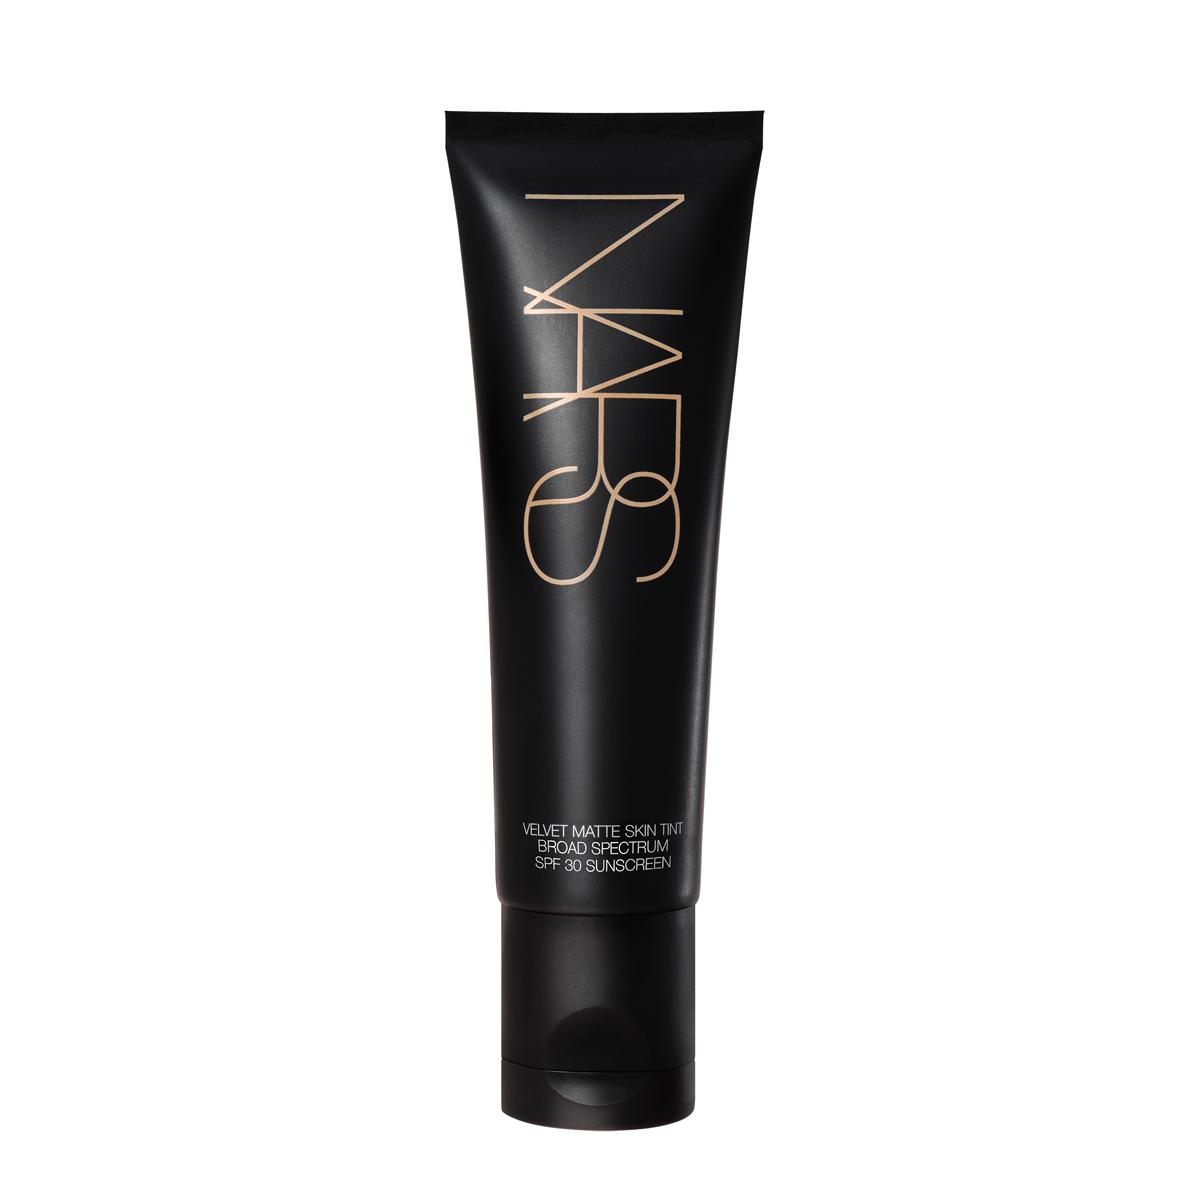 NARS Velvet Matte Skin Tint.jpg